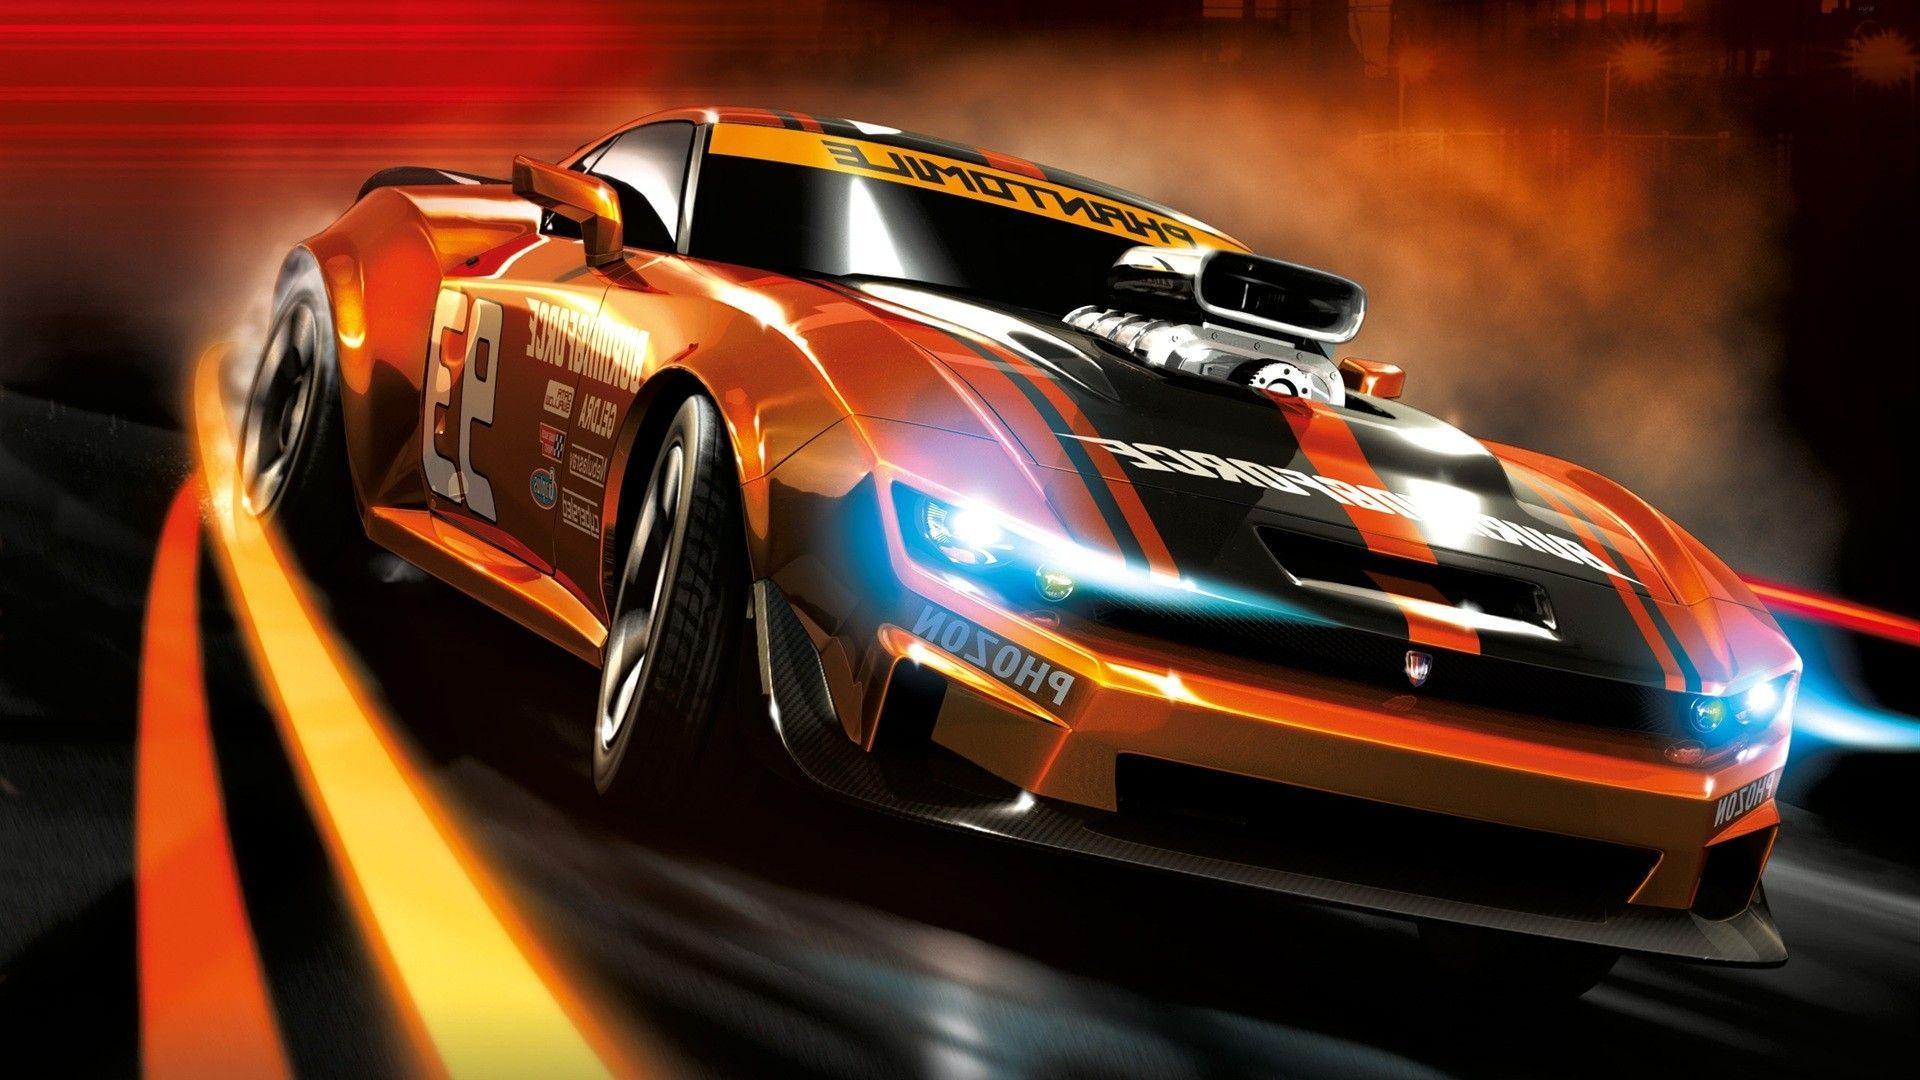 racing wallpaper